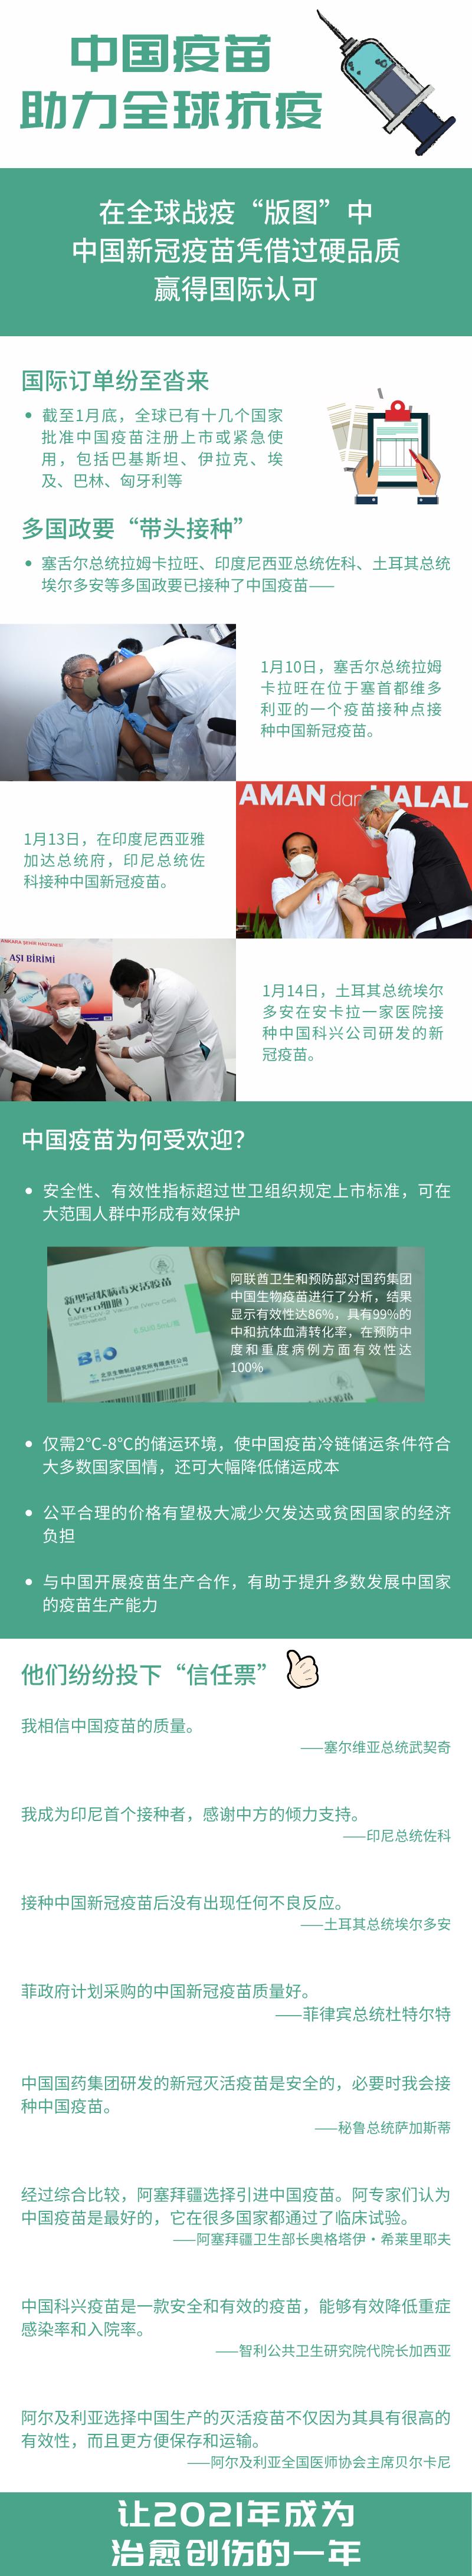 中国疫苗在海外有多受欢迎,这张图说清楚了